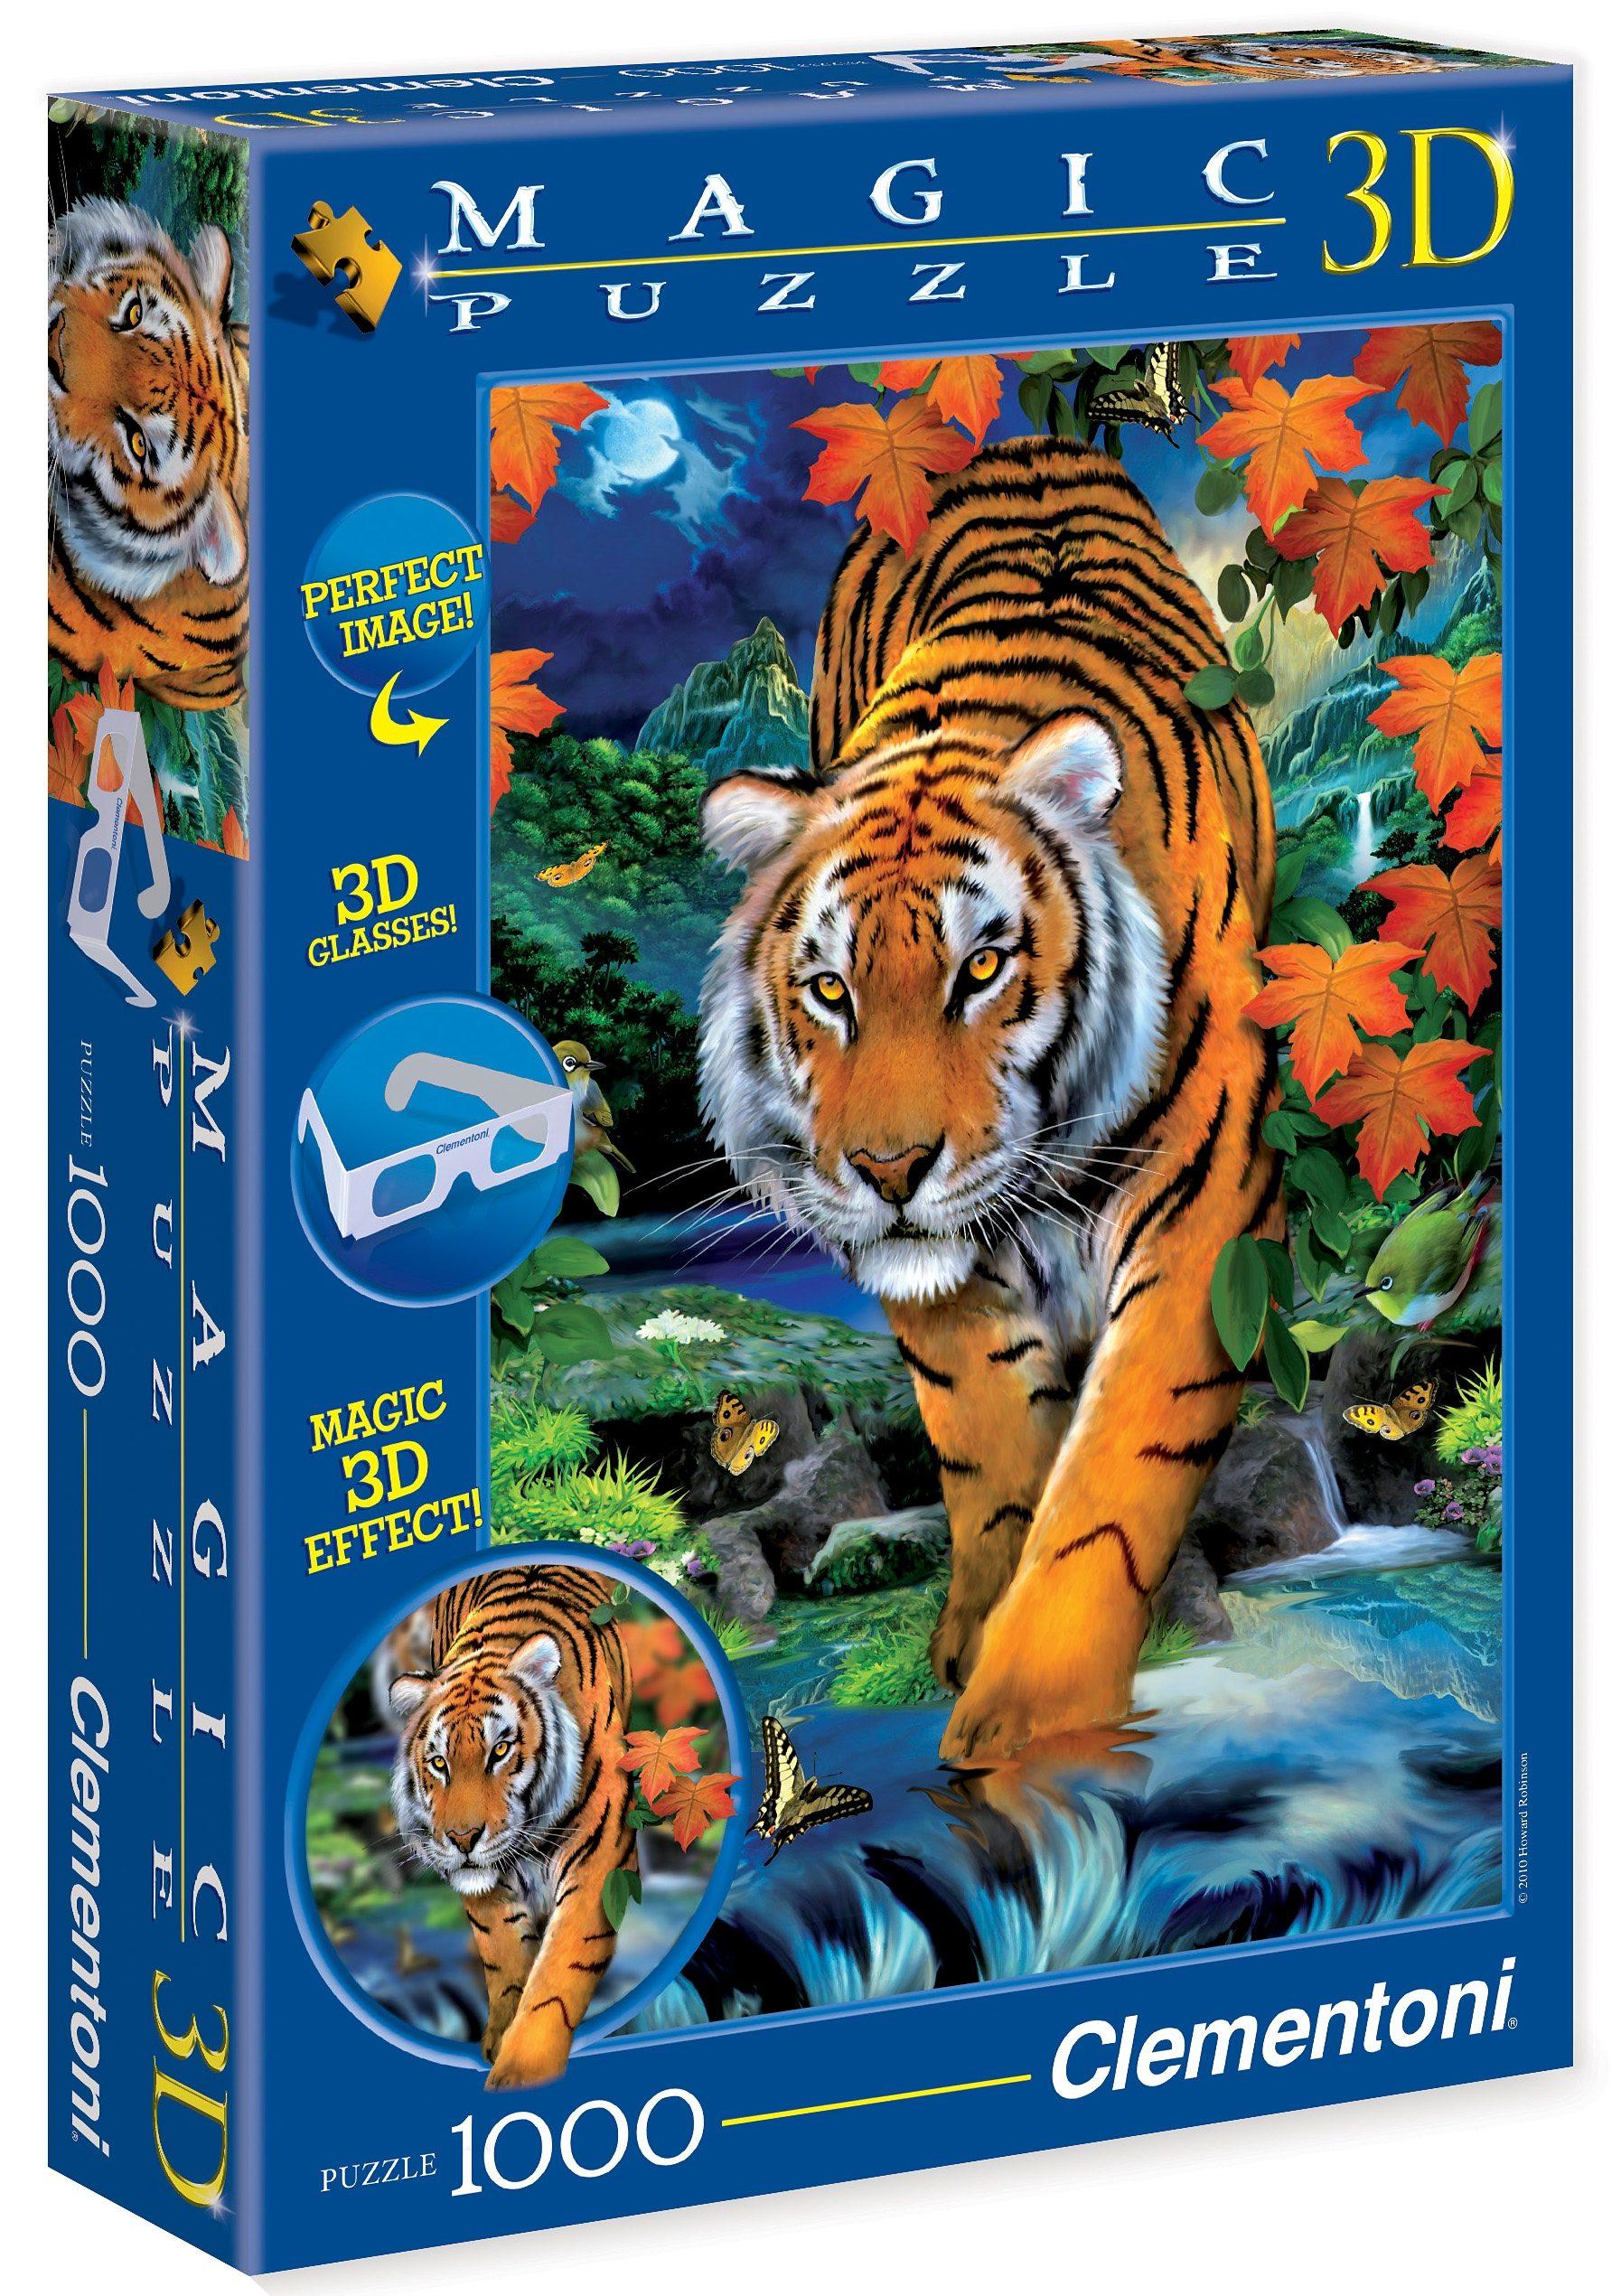 Clementoni 3D Effekt Puzzle, 1000 Teile, »On the prowl«